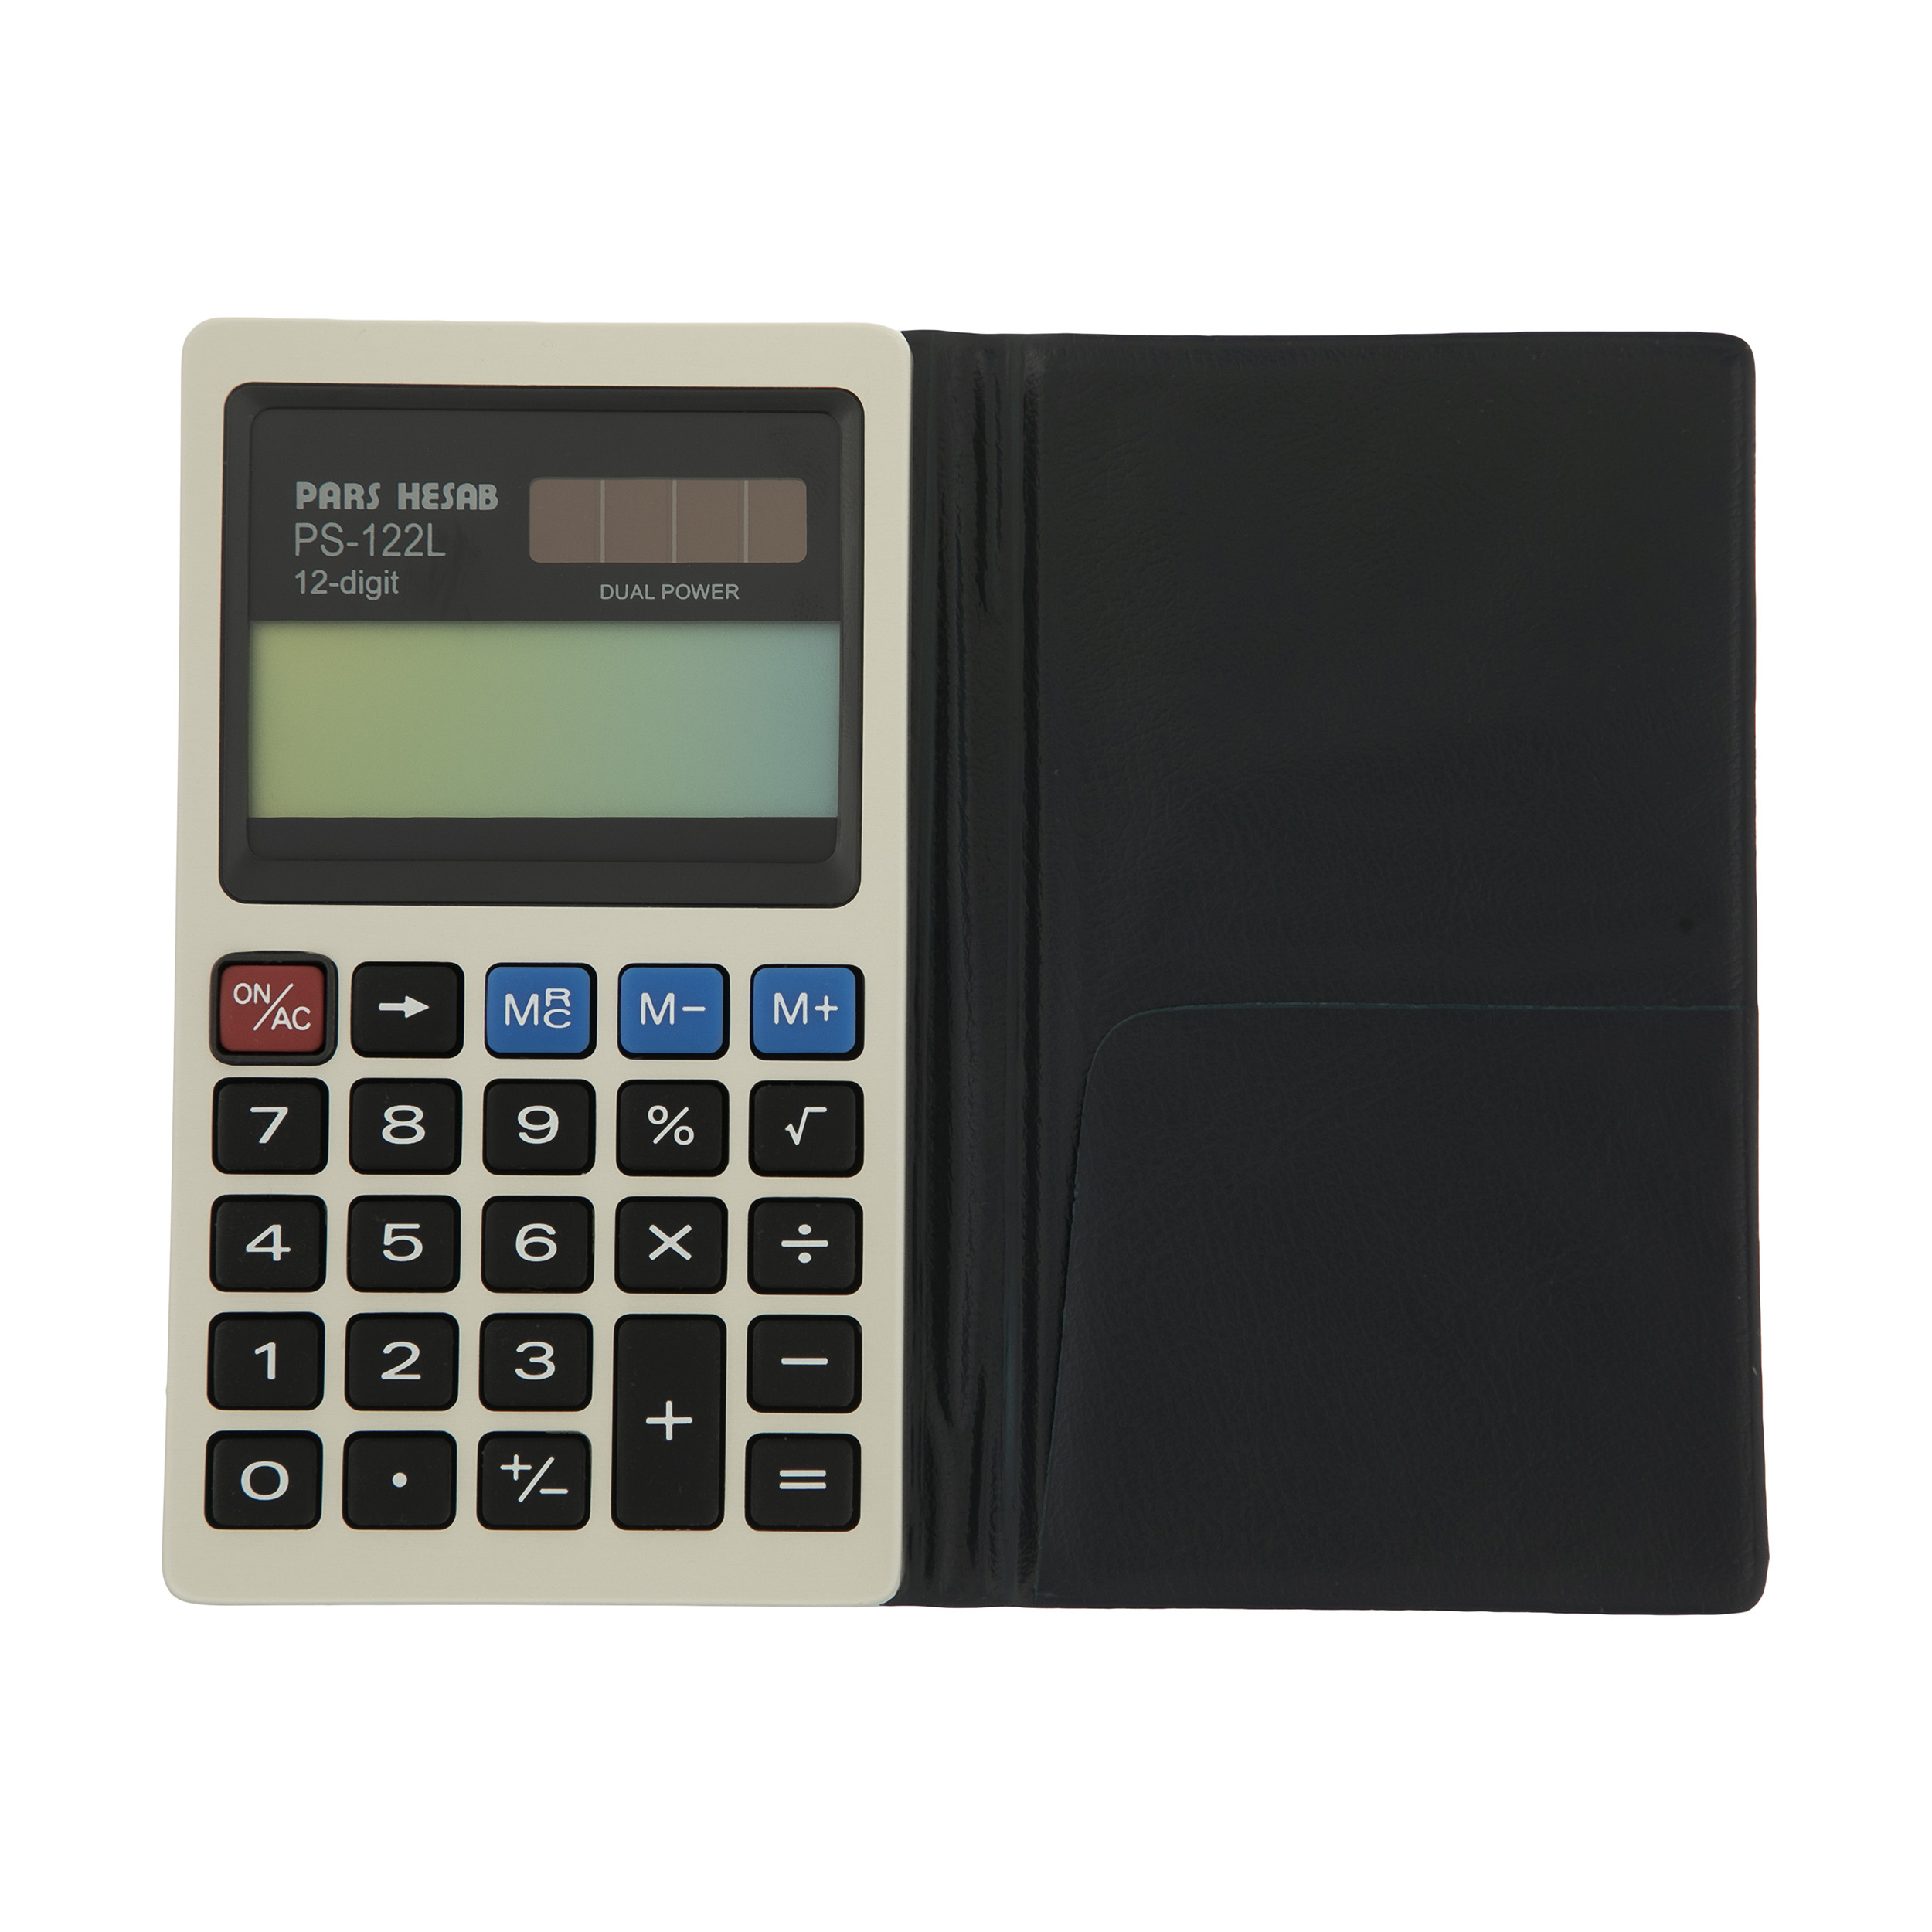 ماشین حساب پارس حساب مدل PS-122L